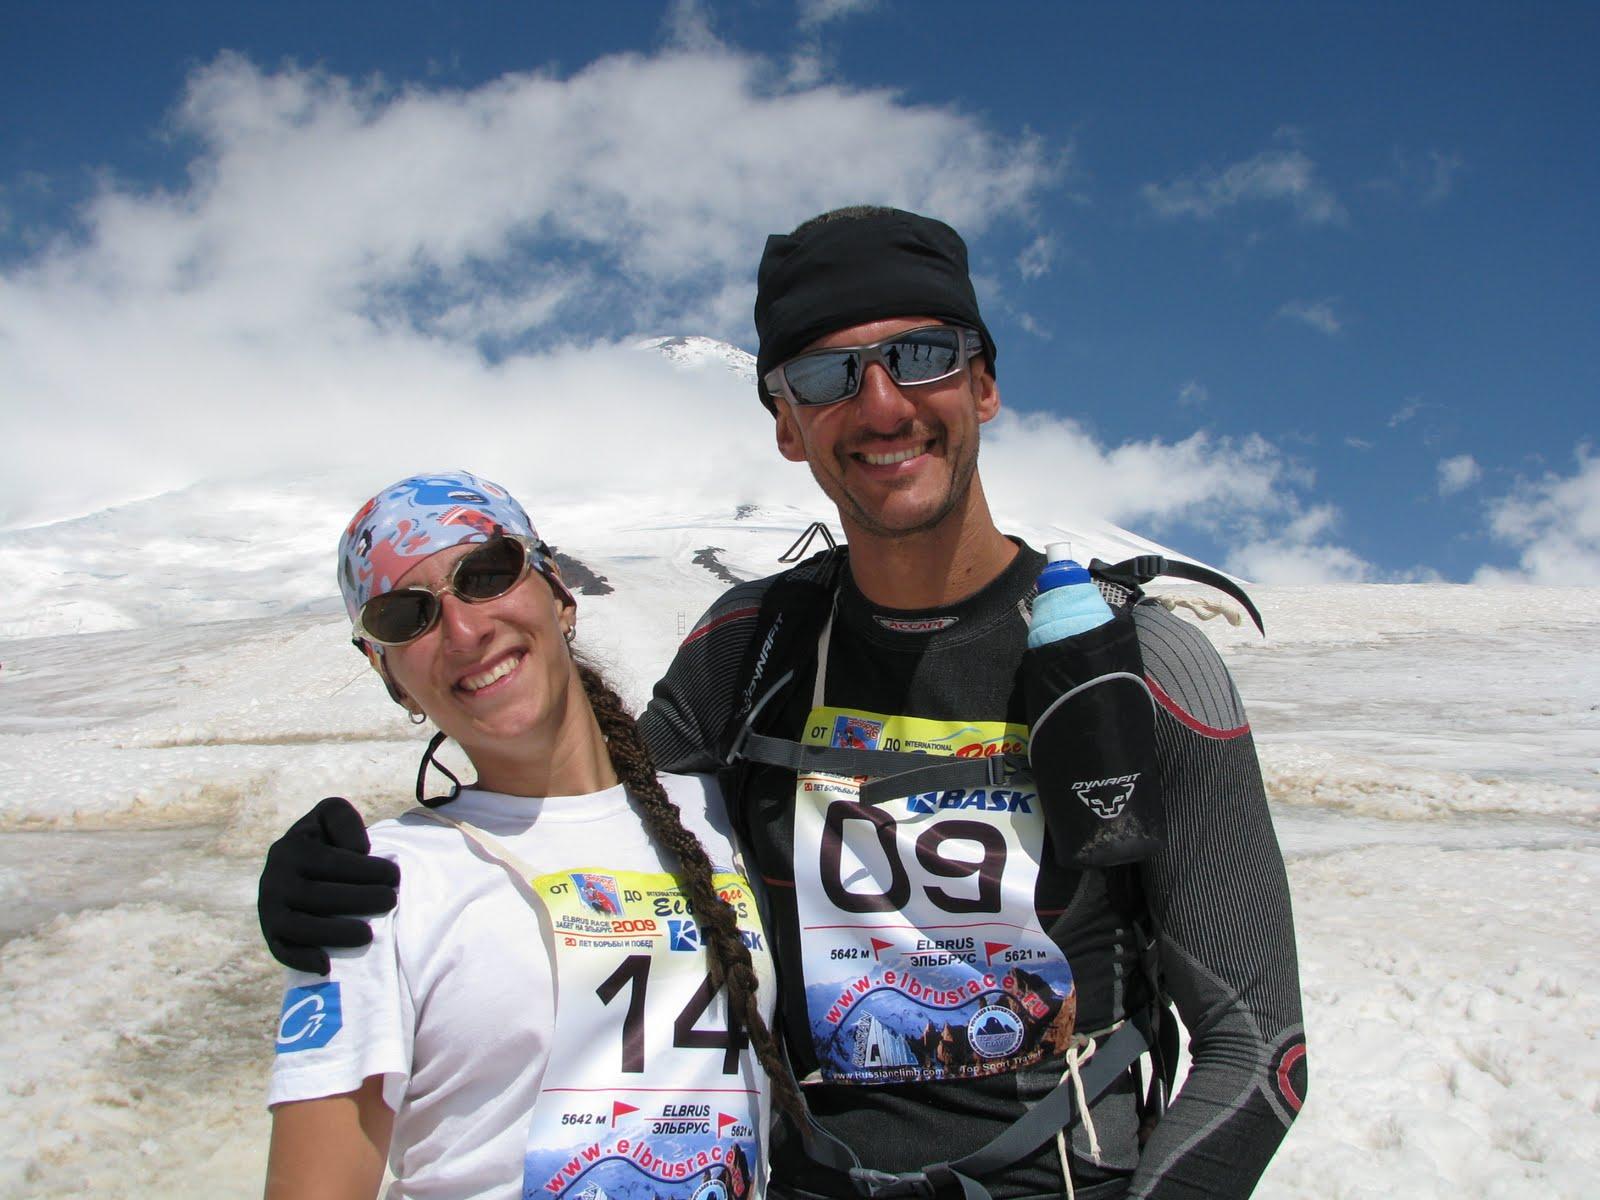 elbrus-race-2009-luca-colli-007